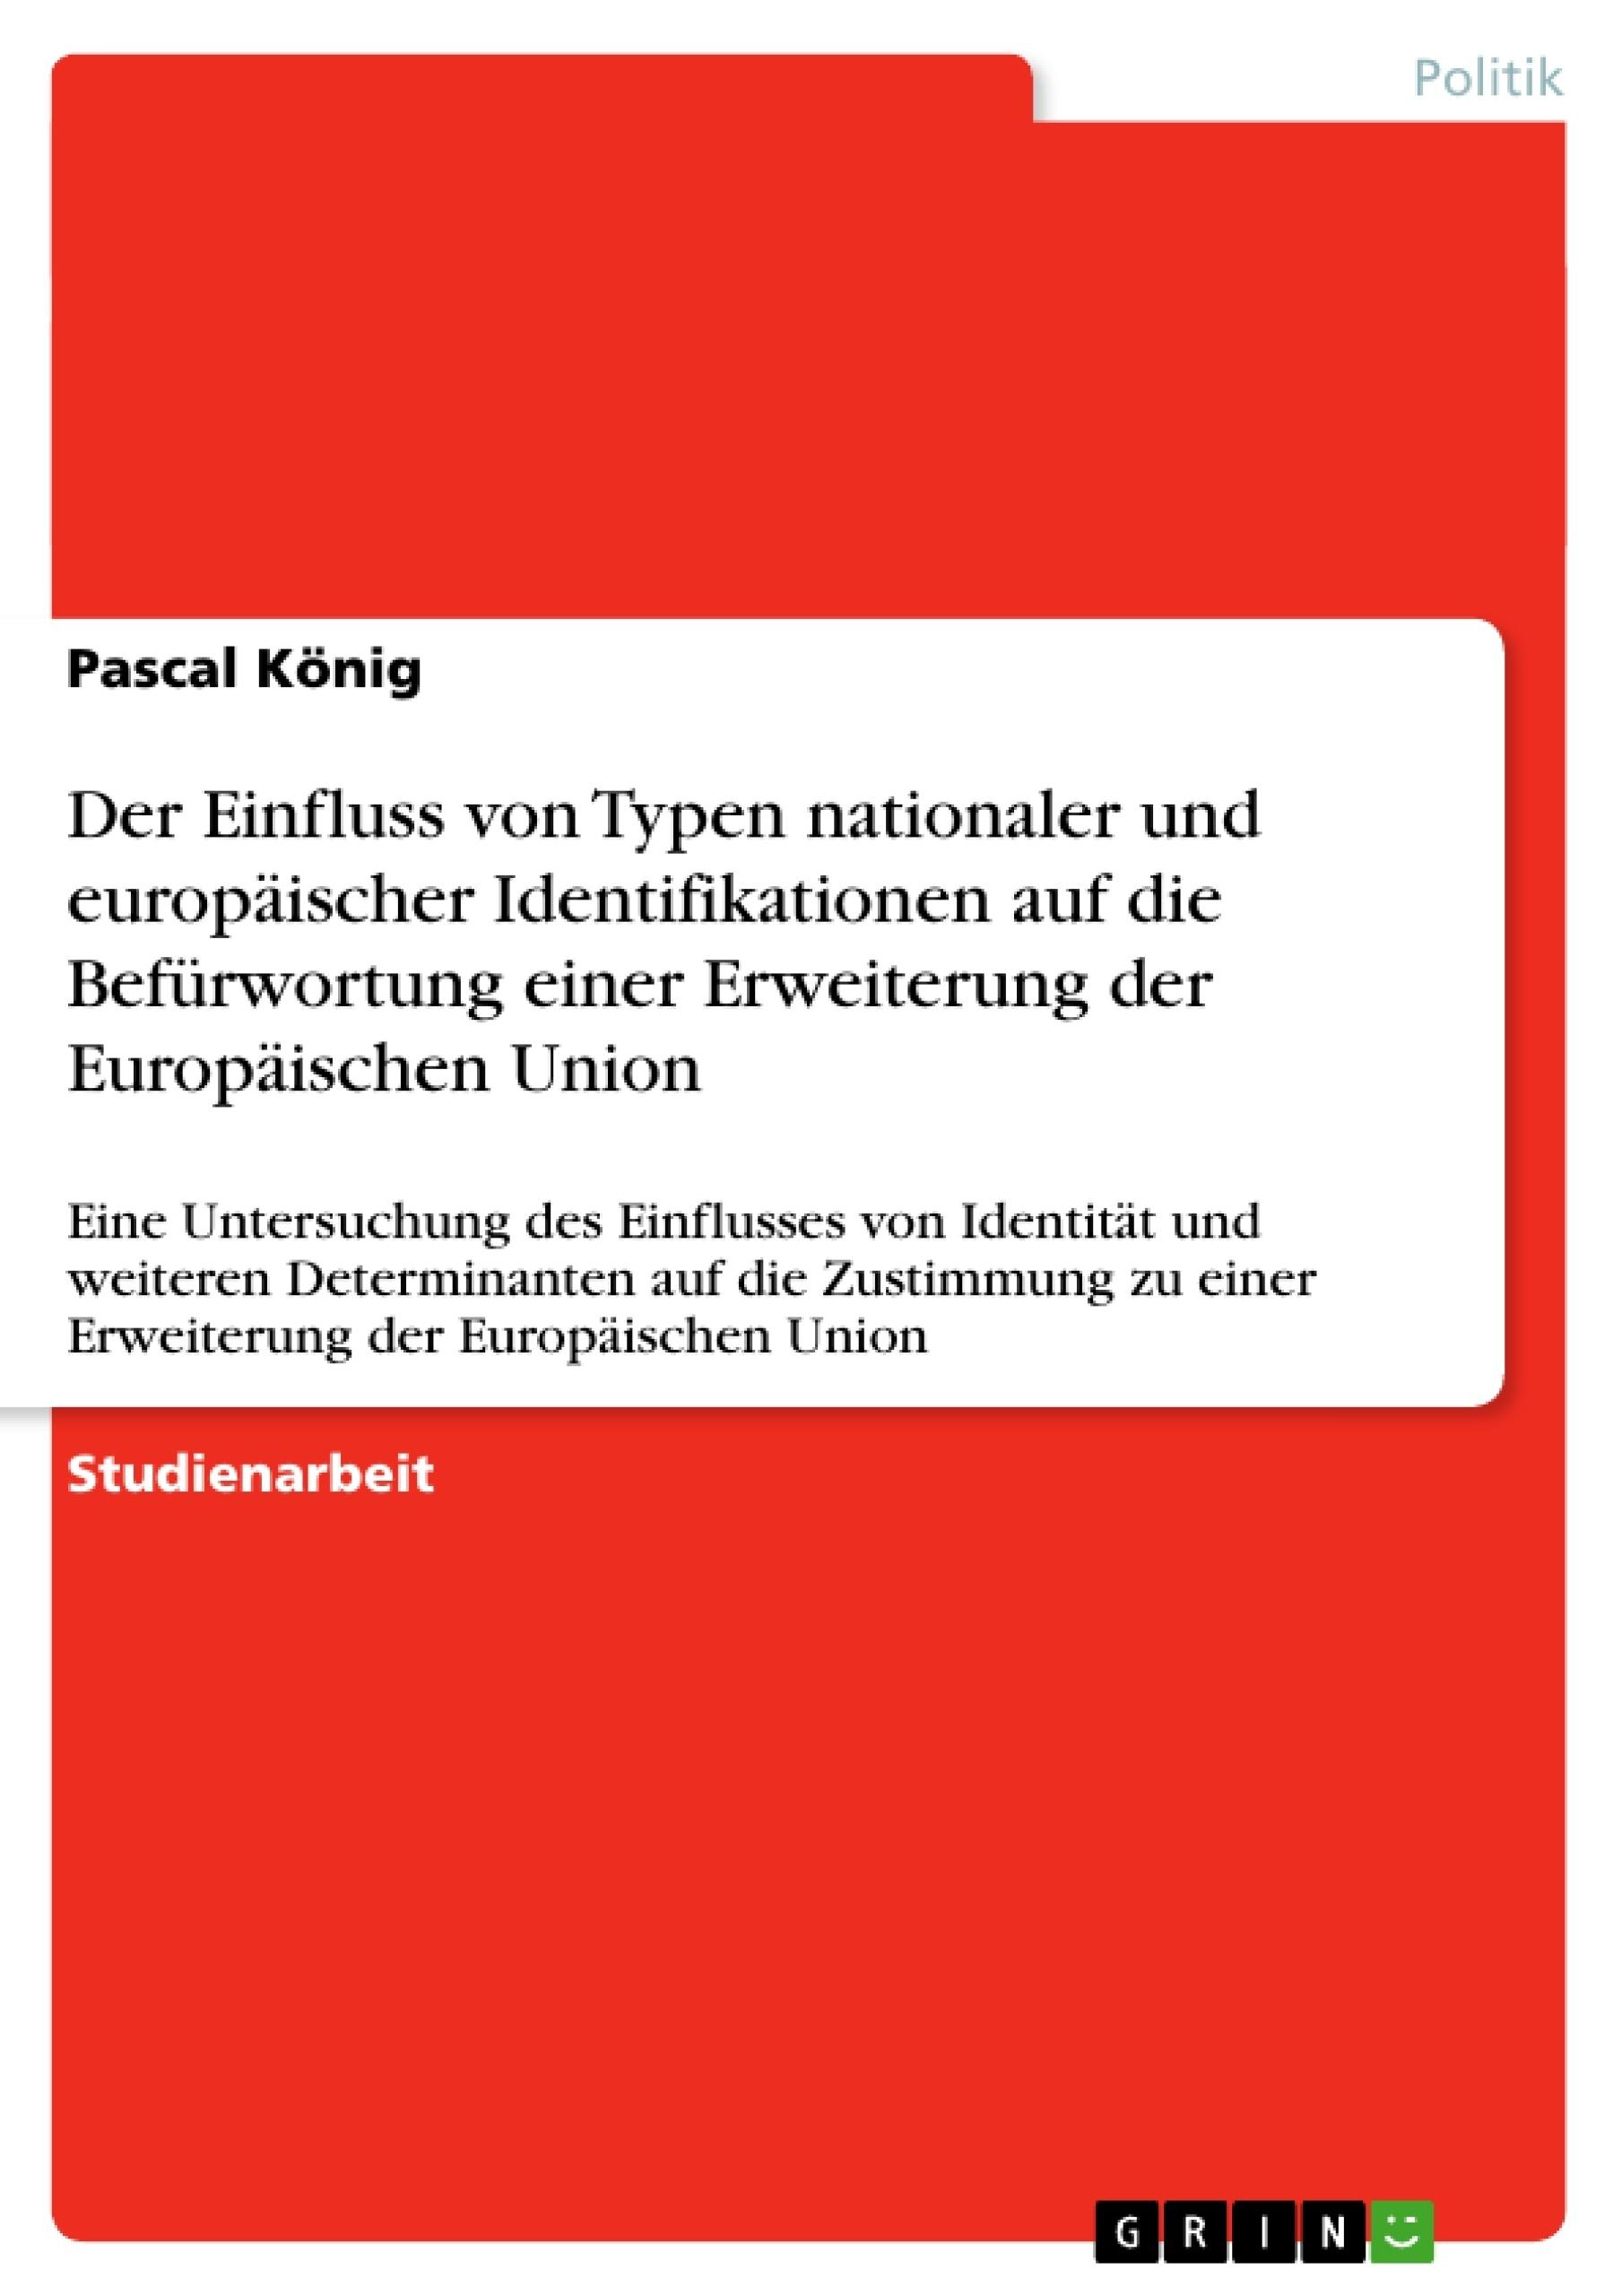 Titel: Der Einfluss von Typen nationaler und europäischer Identifikationen auf die Befürwortung einer Erweiterung der Europäischen Union